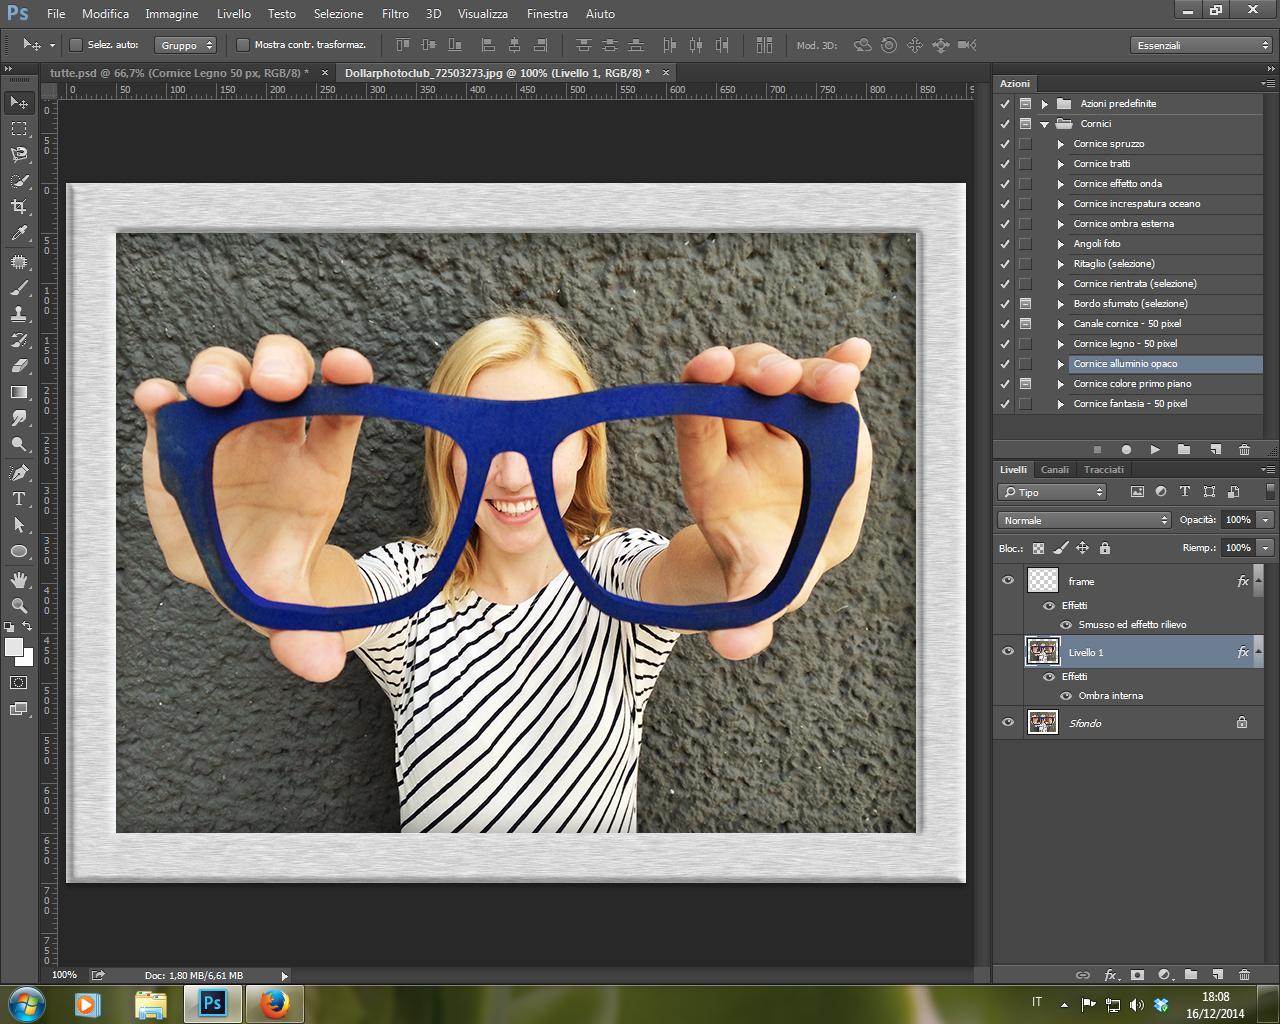 Azione Cornice Alluminio Opaco Photoshop CC 2014